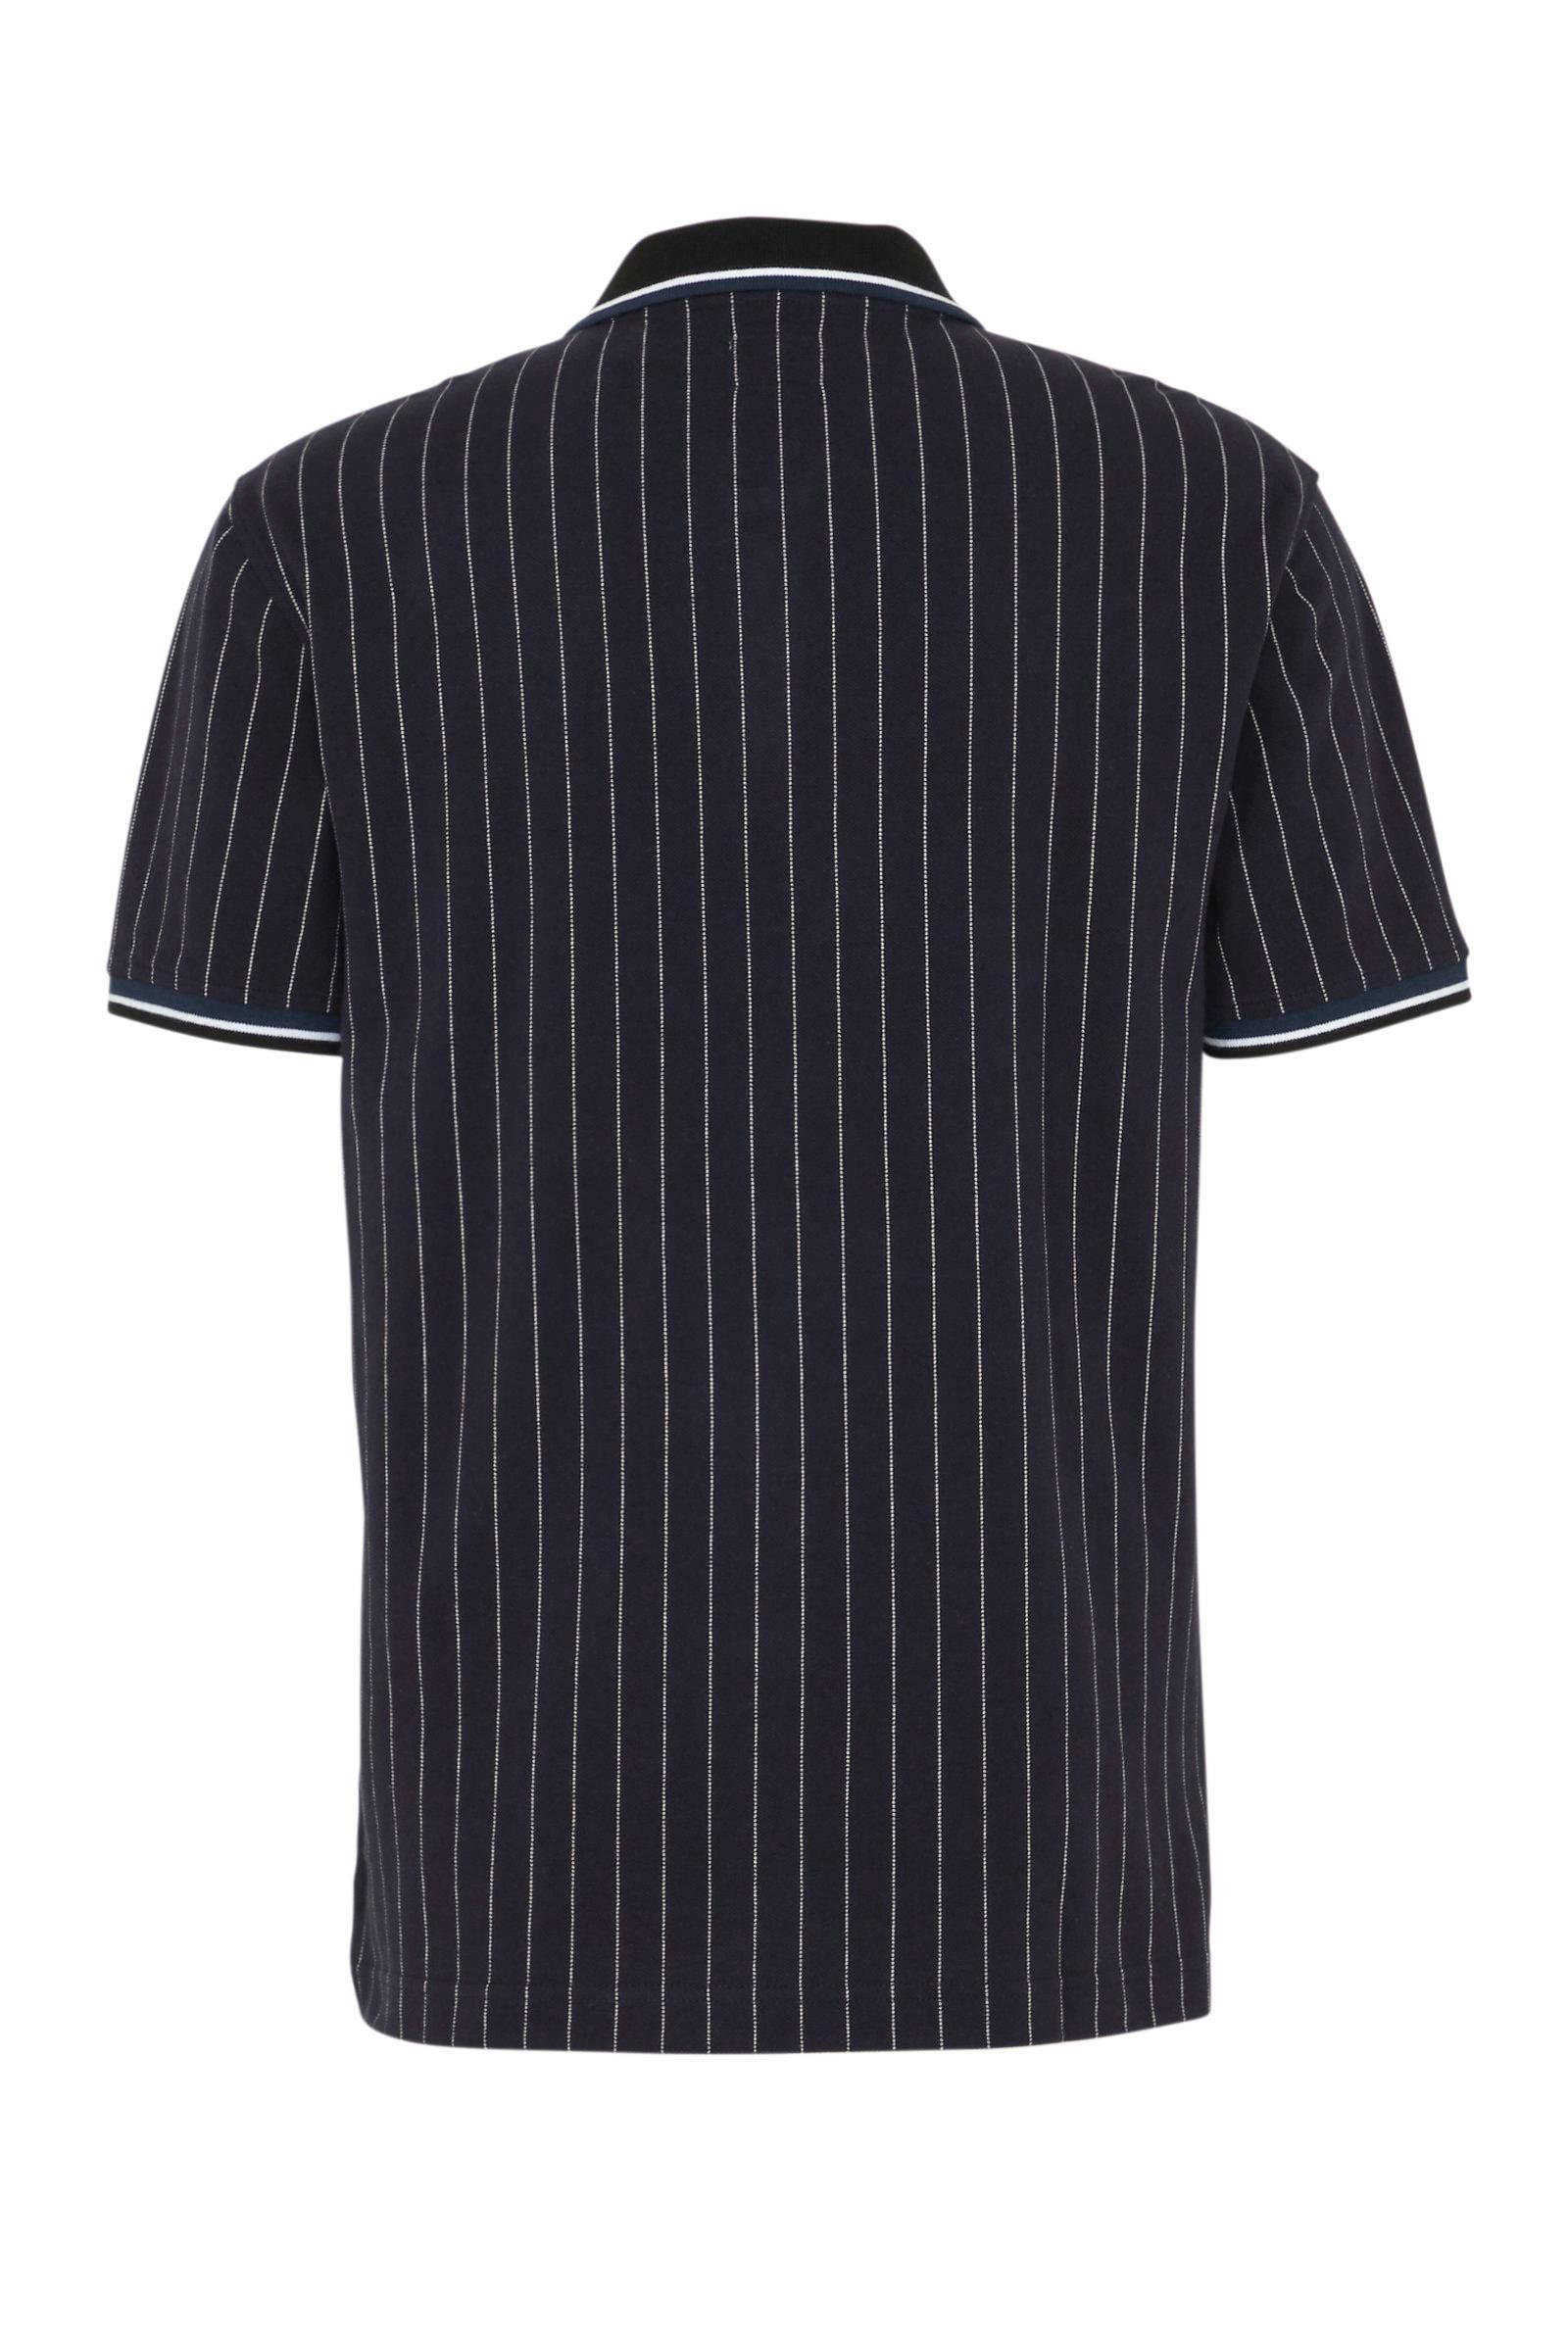 Levi's Gestreepte Regular Fit Polo Donkerblauw in het Blauw voor heren